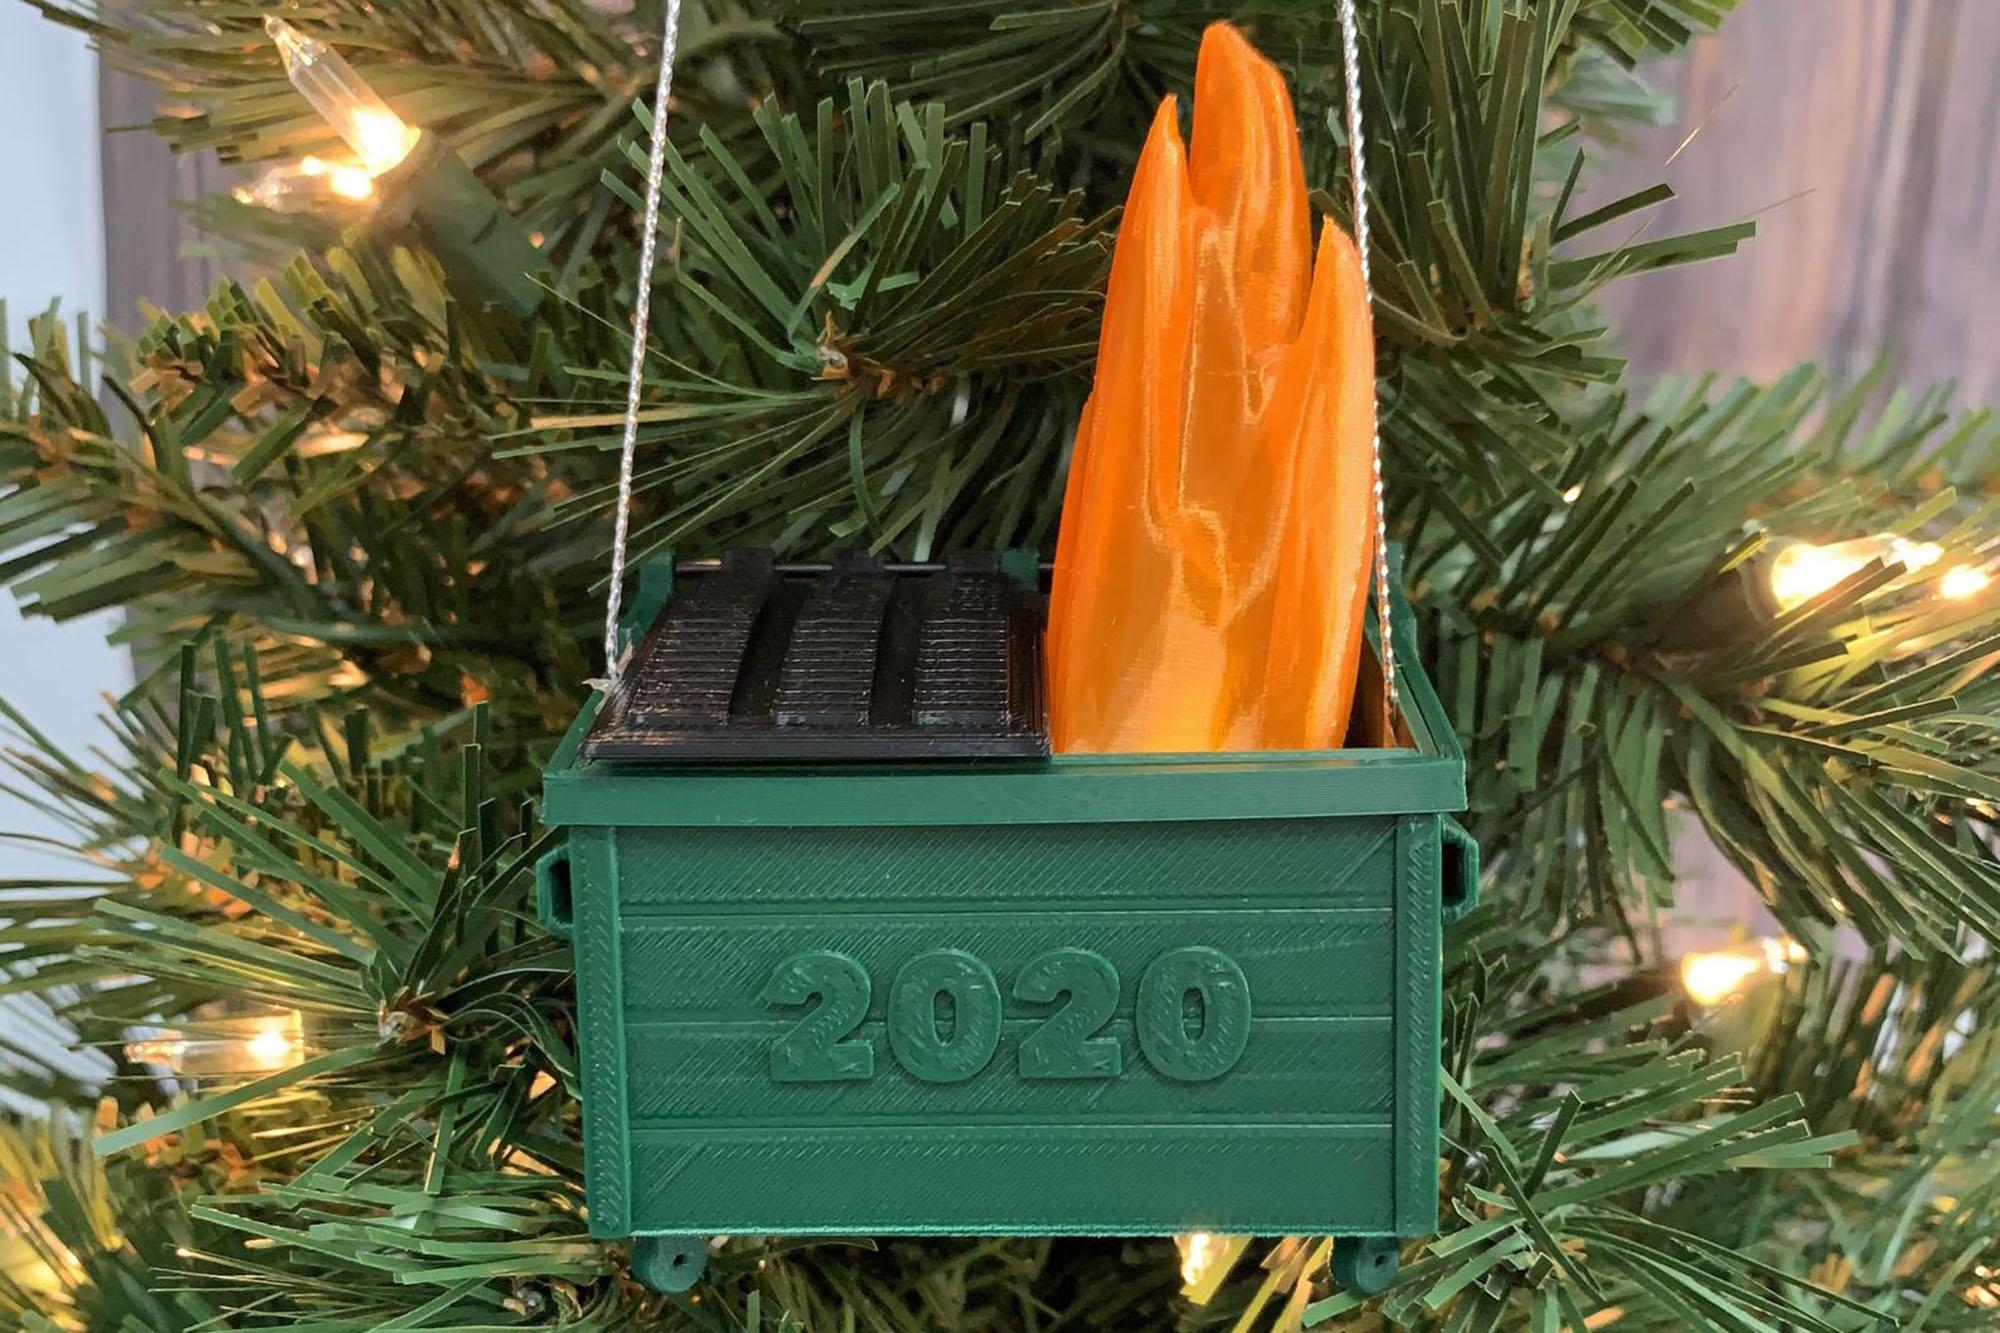 2020 Dumpster Fire